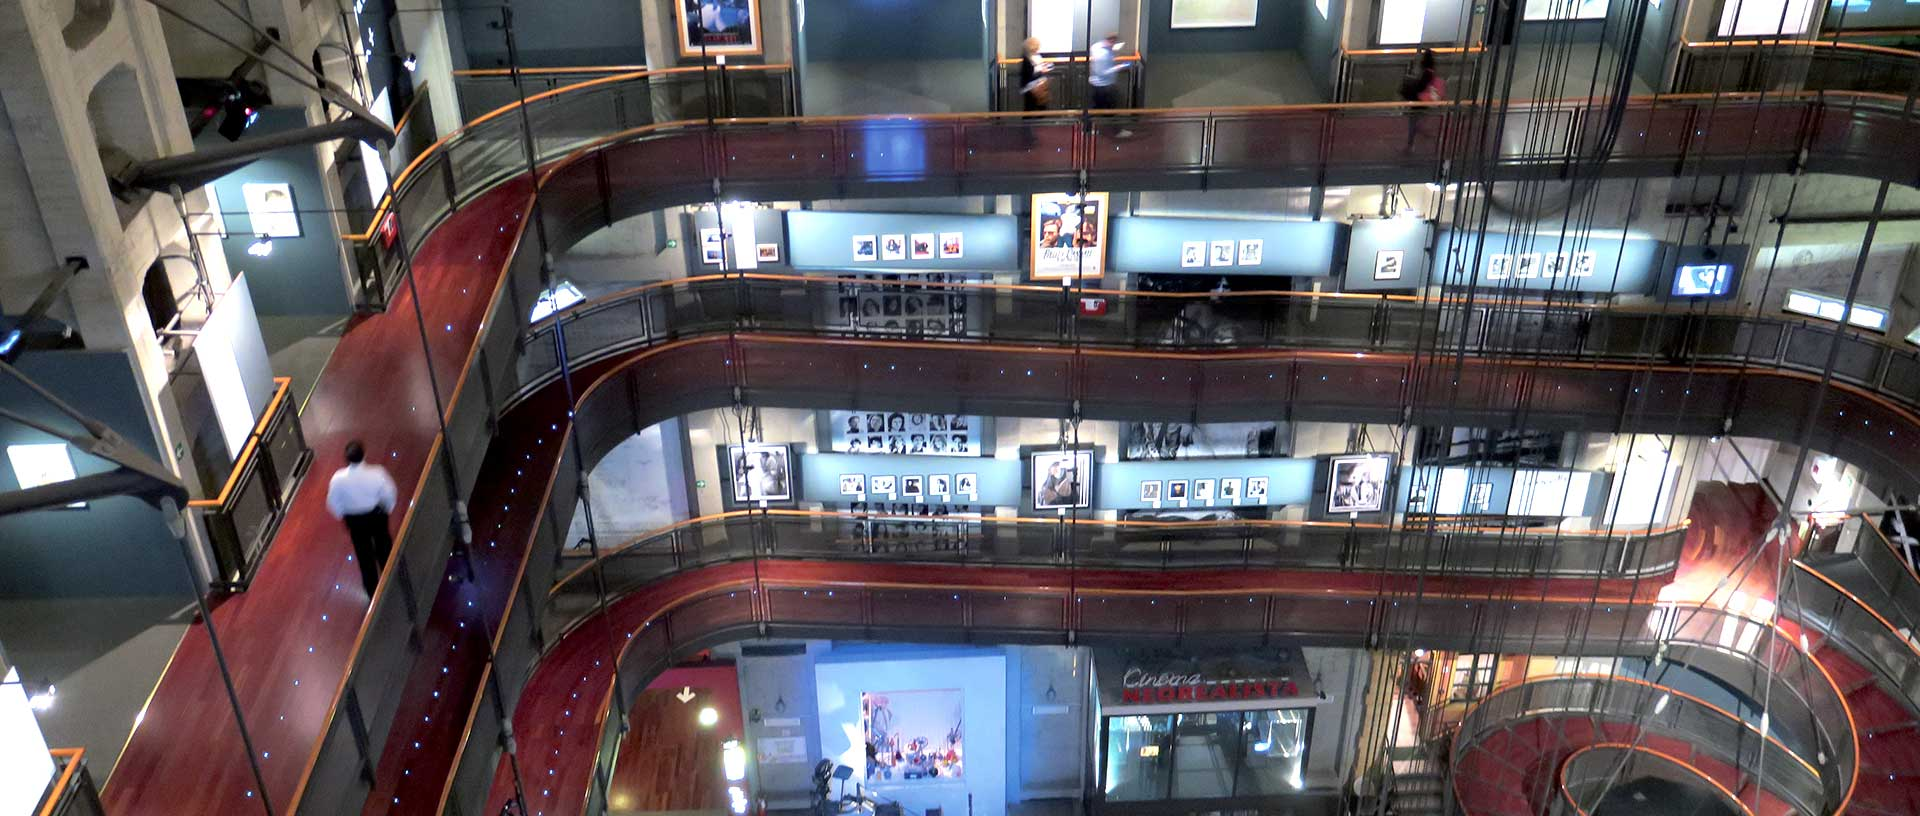 Museo Del Cinema.Museo Nazionale Del Cinema Turin Italy